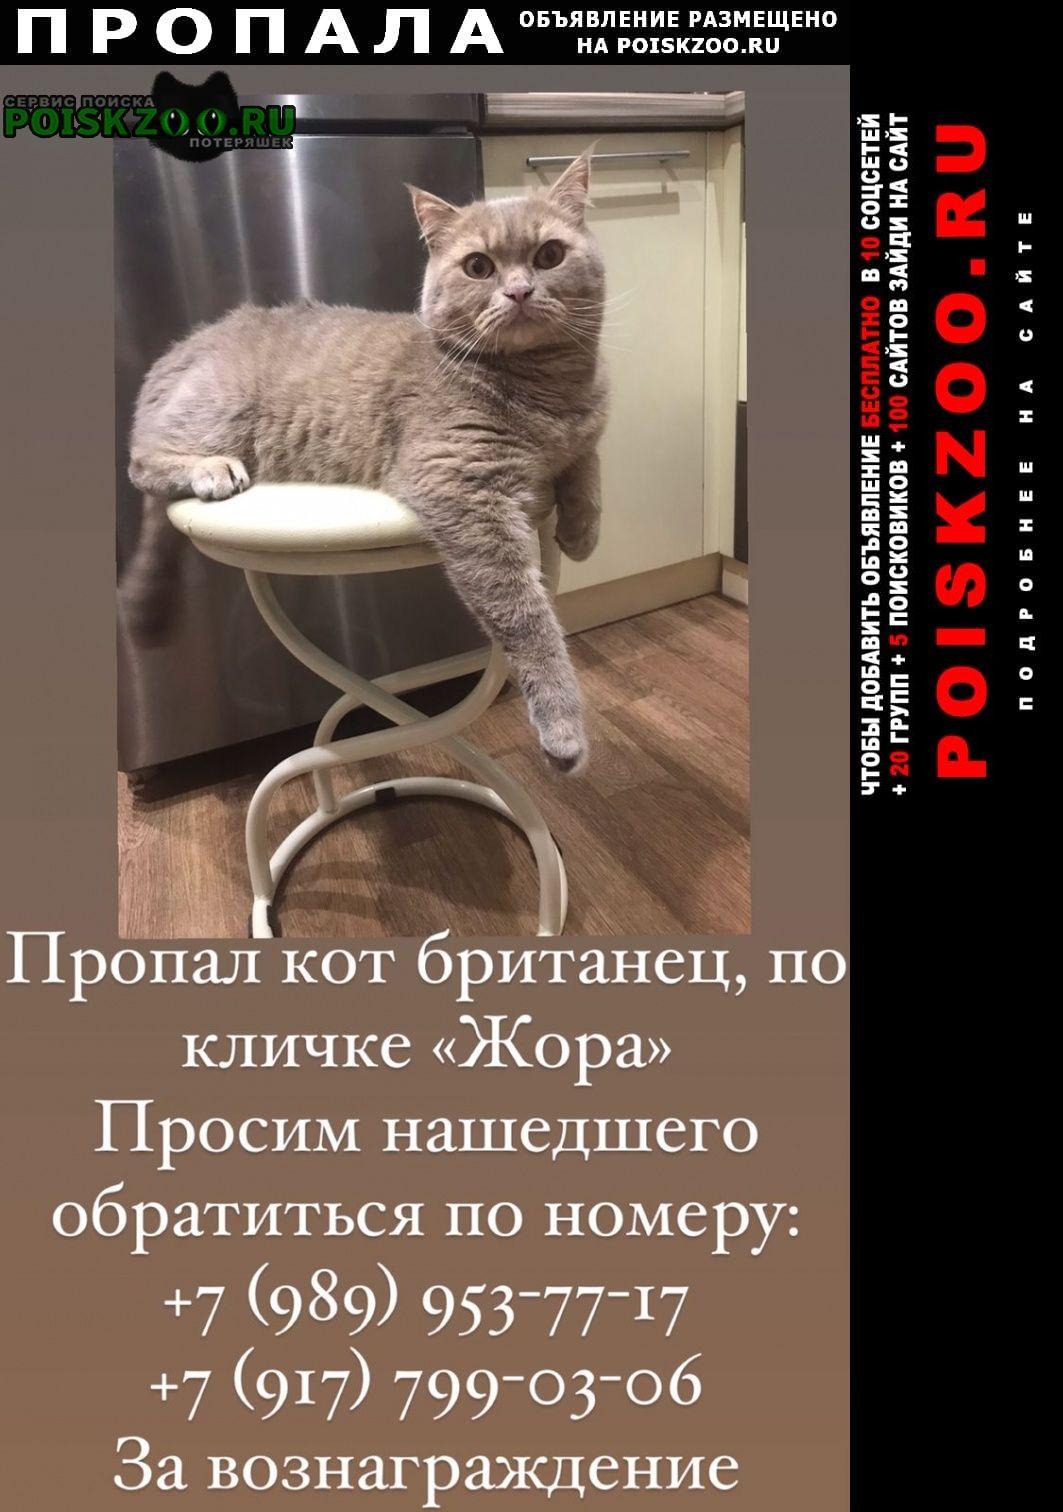 Пропал кот Уфа